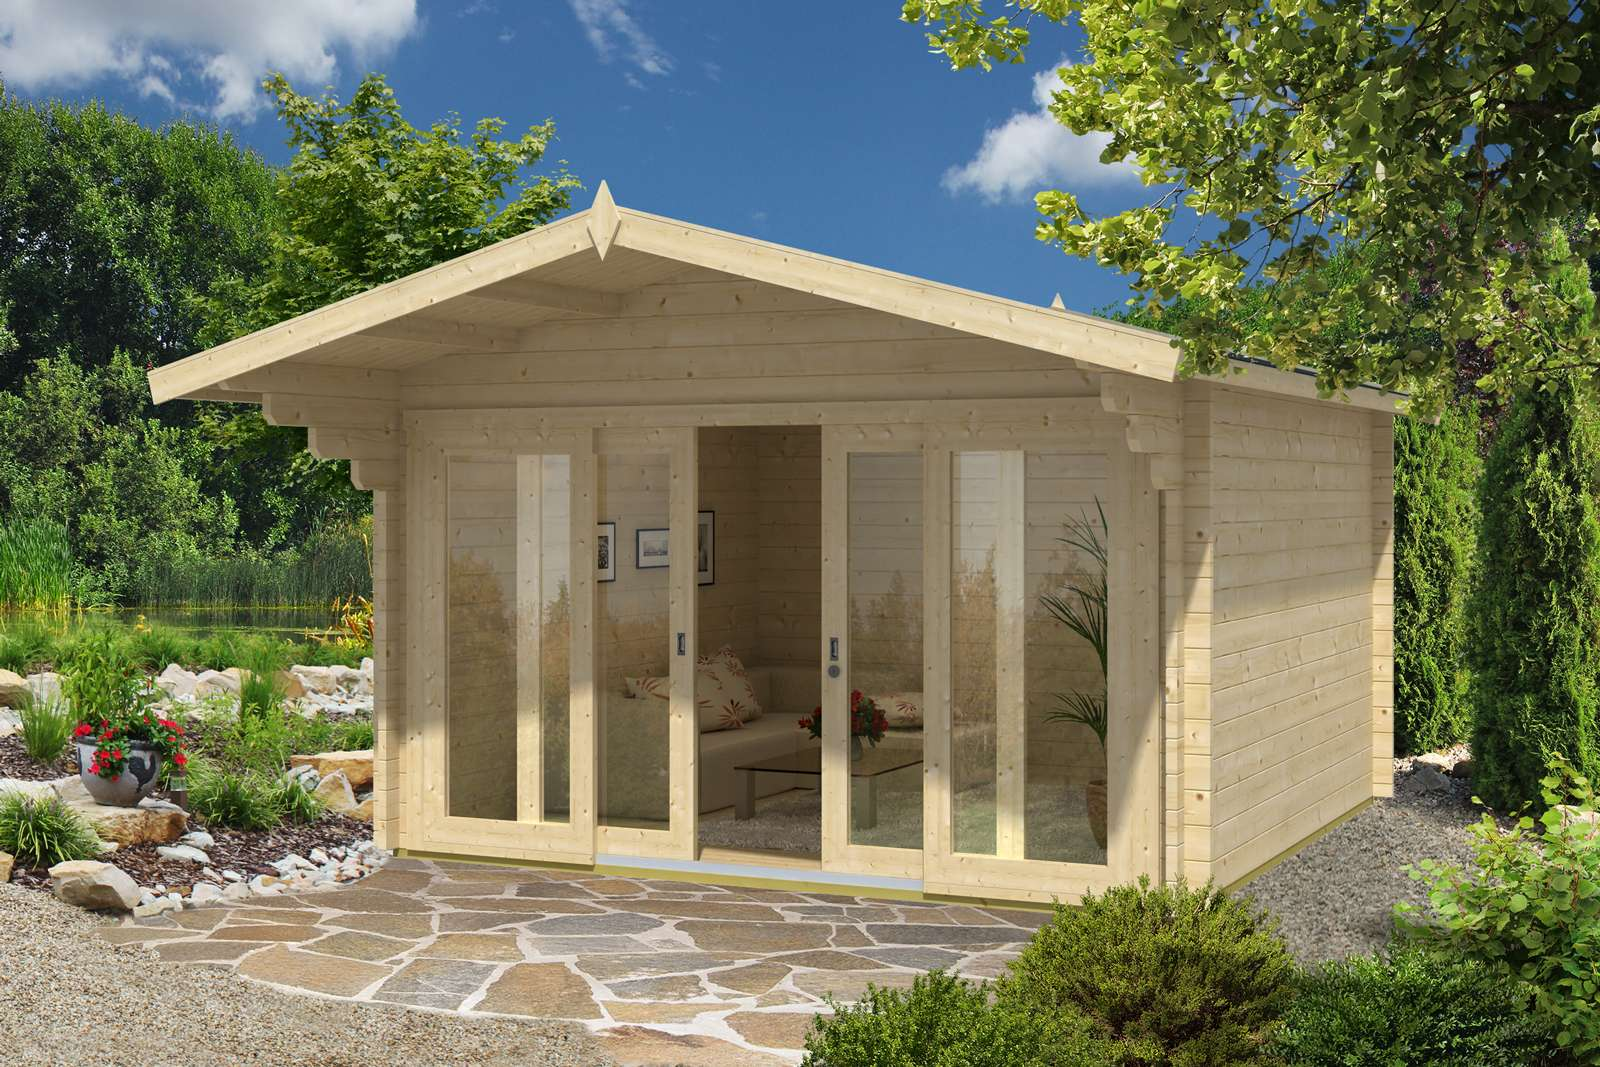 Schiebetür gartenhaus selber bauen  Gartenhaus & Schiebetür - die perfekte Kombination